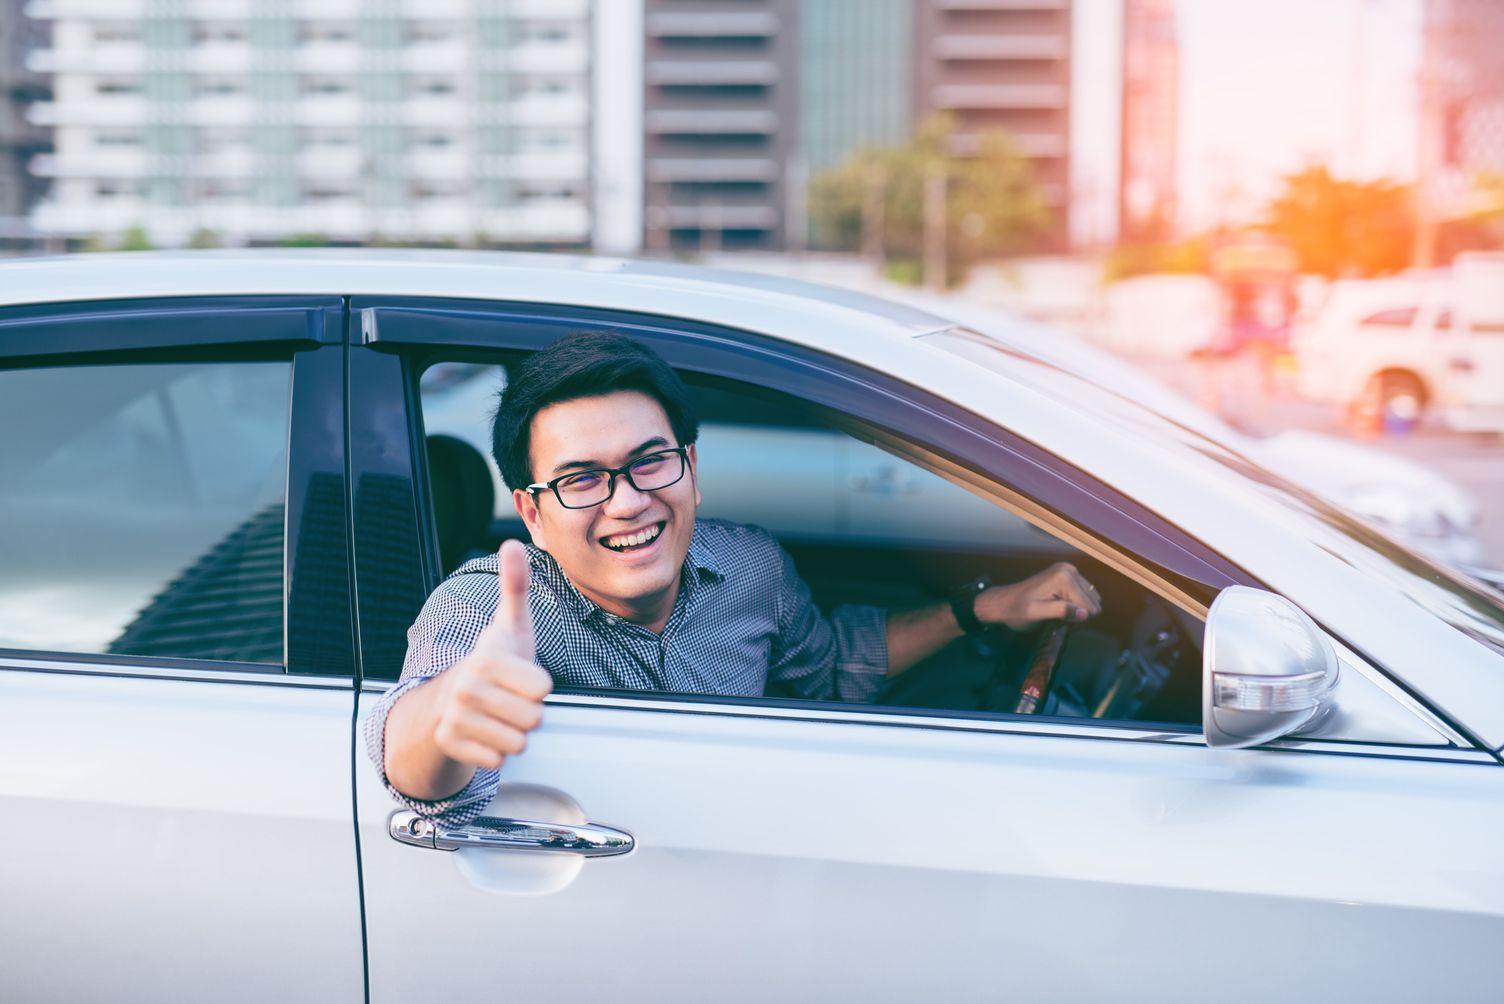 5 ปัจจัยที่ต้องดูให้ดีก่อนตัดสินใจทำประกันรถยนต์ - ศรีสวัสดิ์